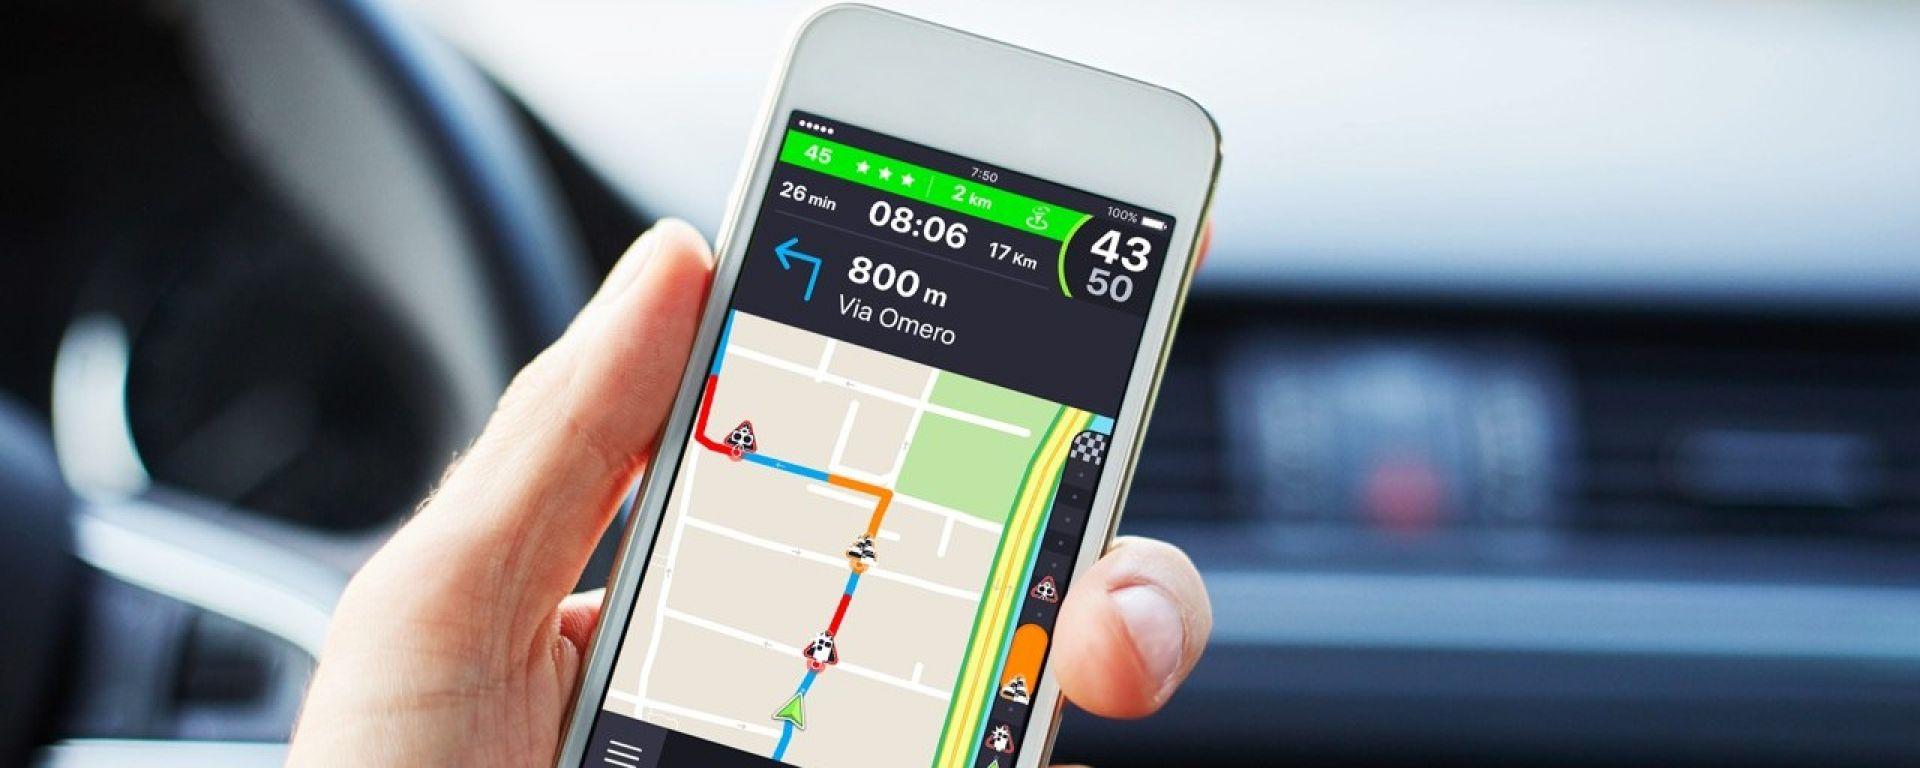 Coyote: aggiornata l'App di navigazione e segnalazione del traffico